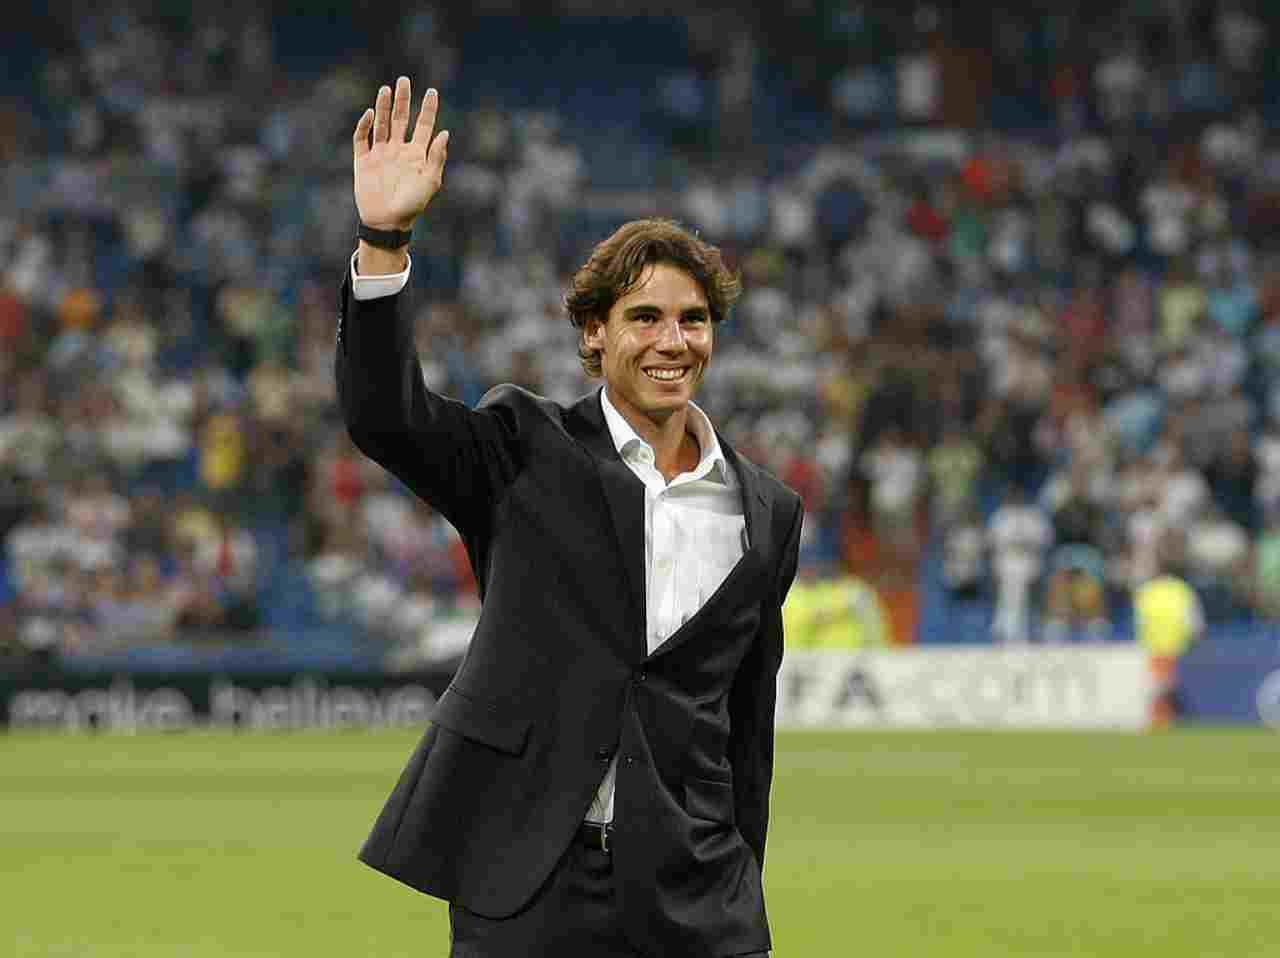 Tennis e Calcio: Federer, Nadal e gli altri, per quale squadra tifano i tennisti